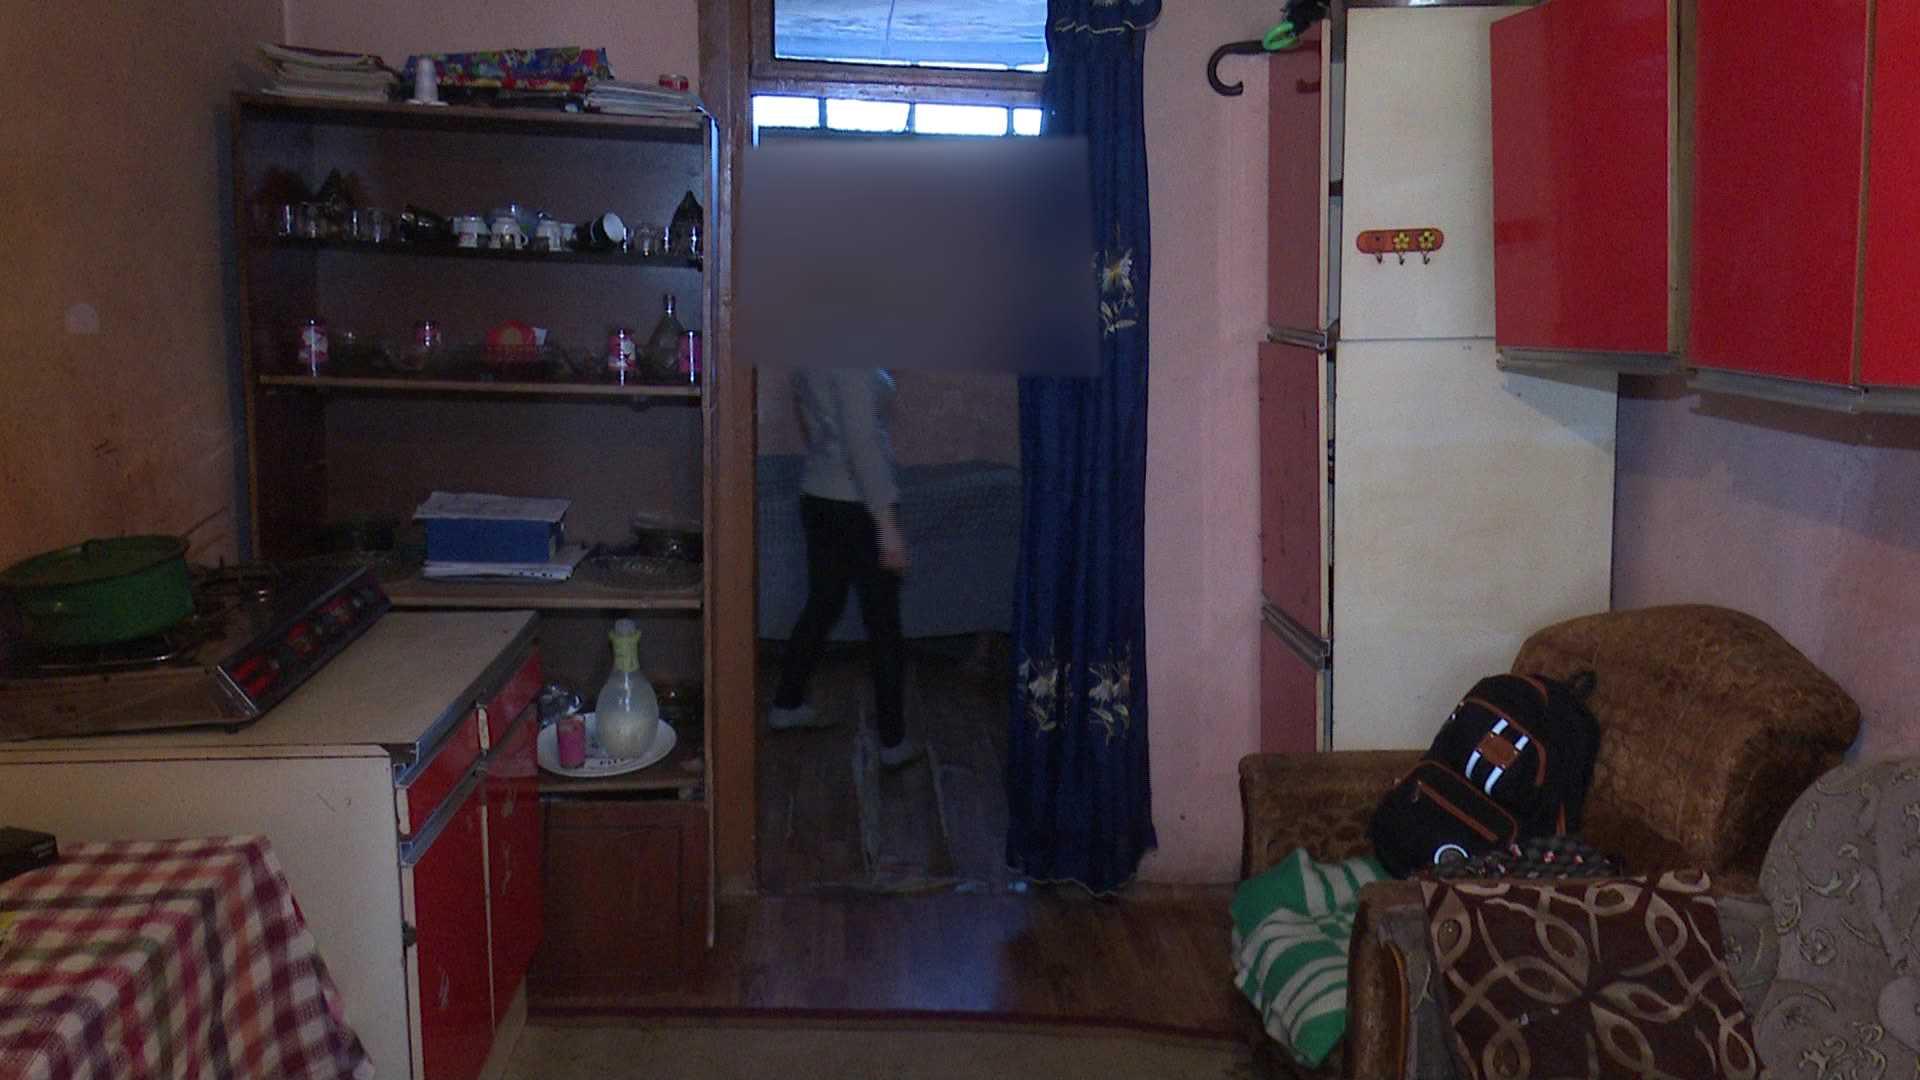 ორმაგი ძალადობა ბავშვზე - რატომ იცვლის საცხოვრებელს ოჯახი?